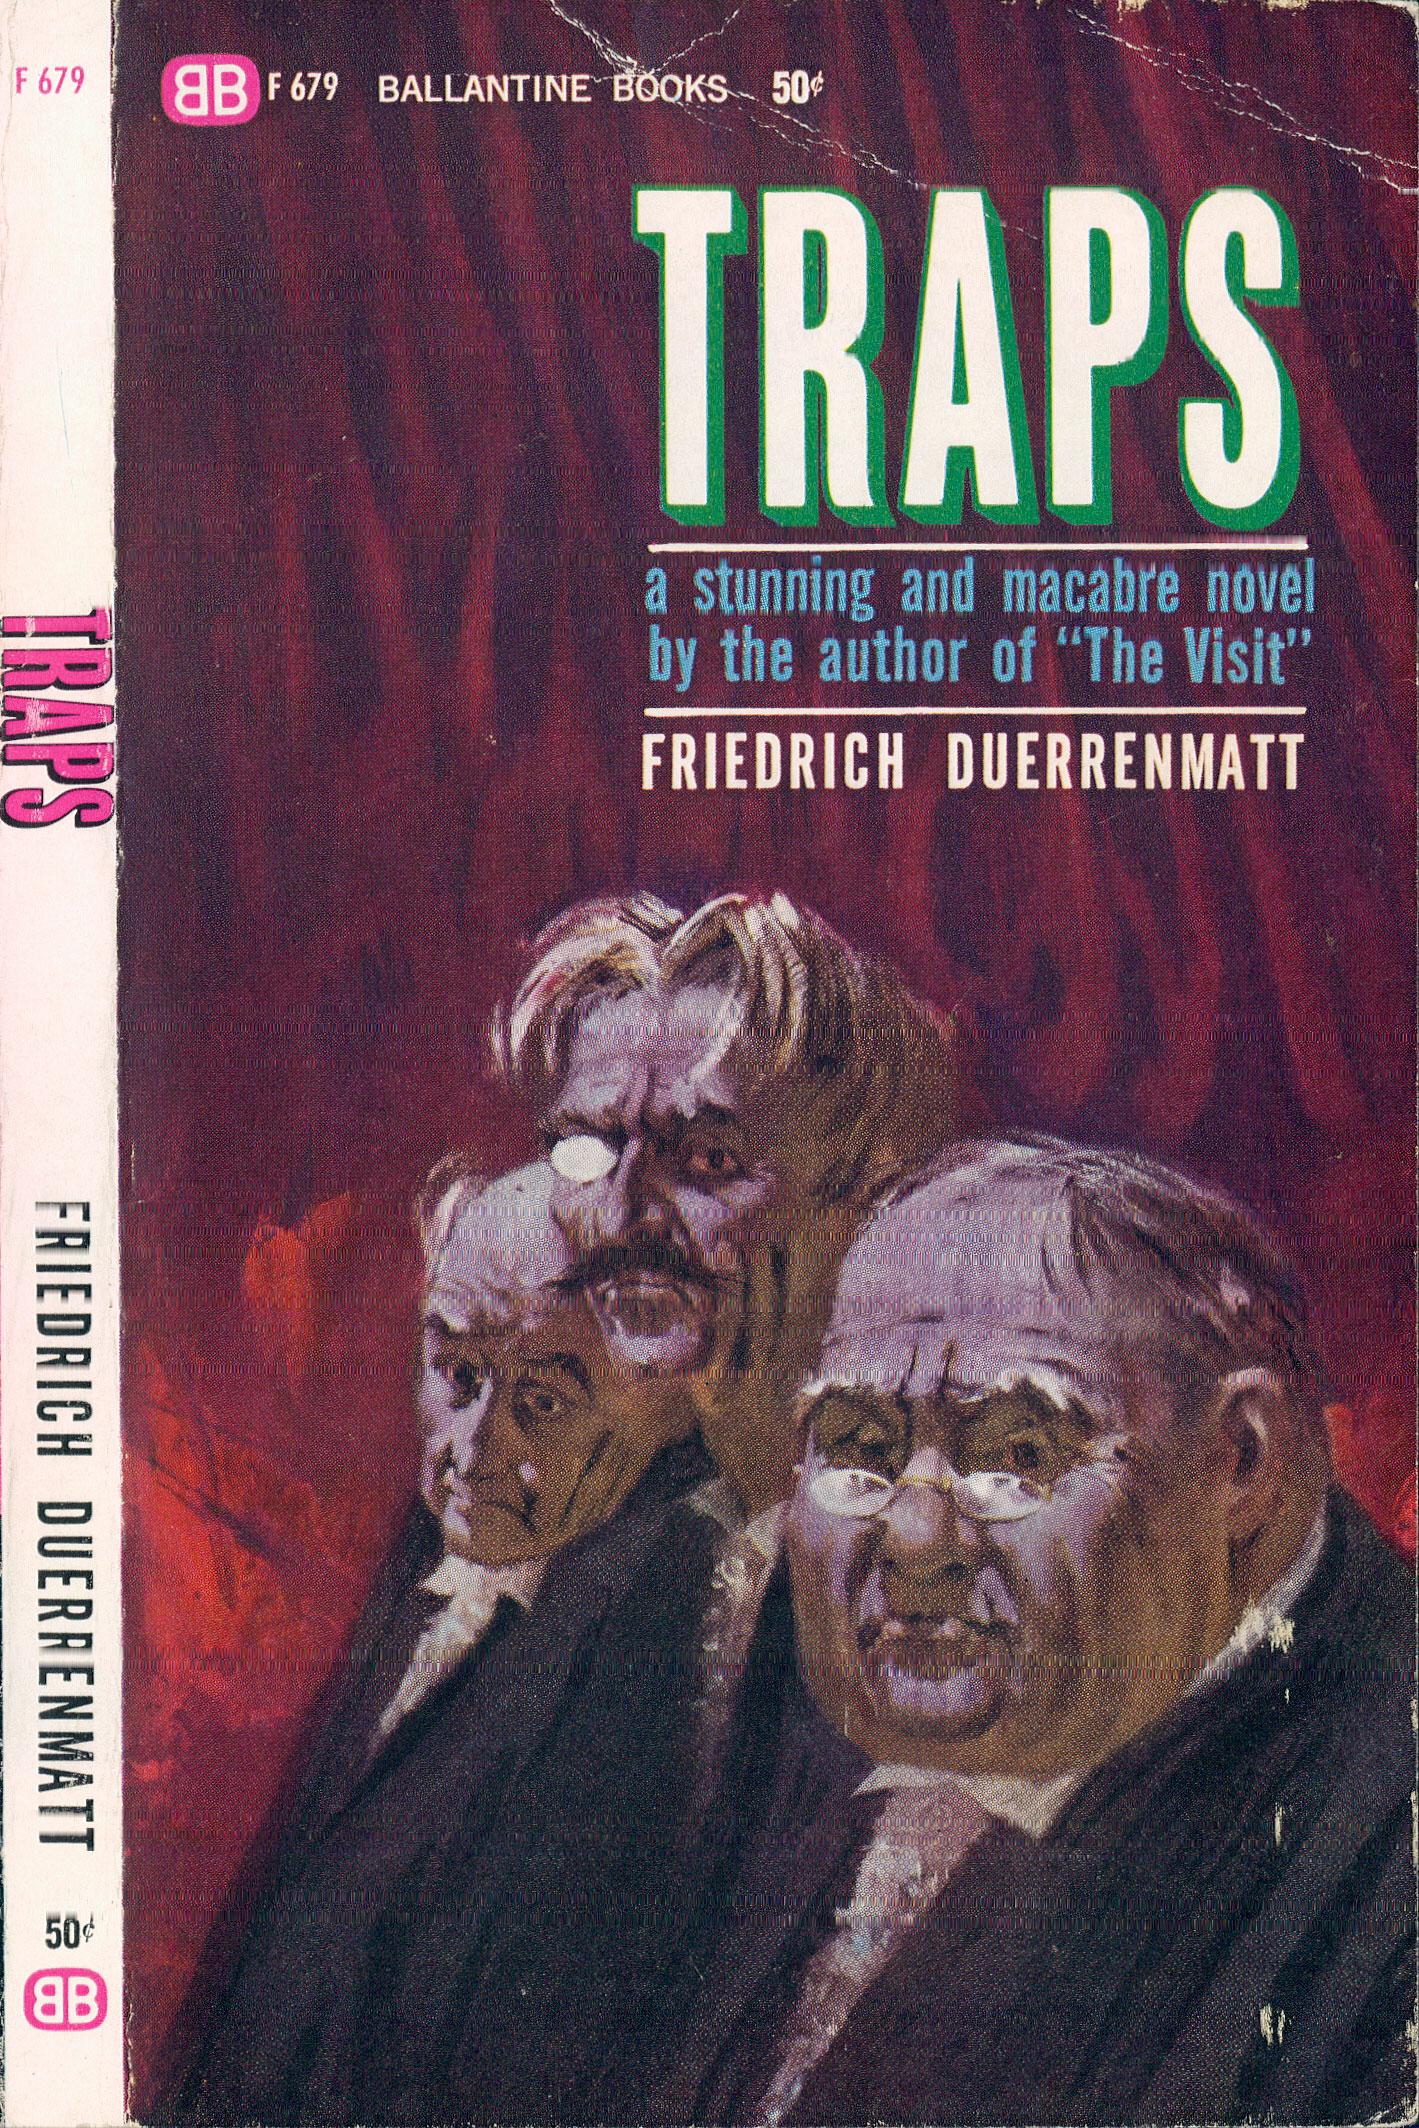 traps_20160707162227_00003A.jpg